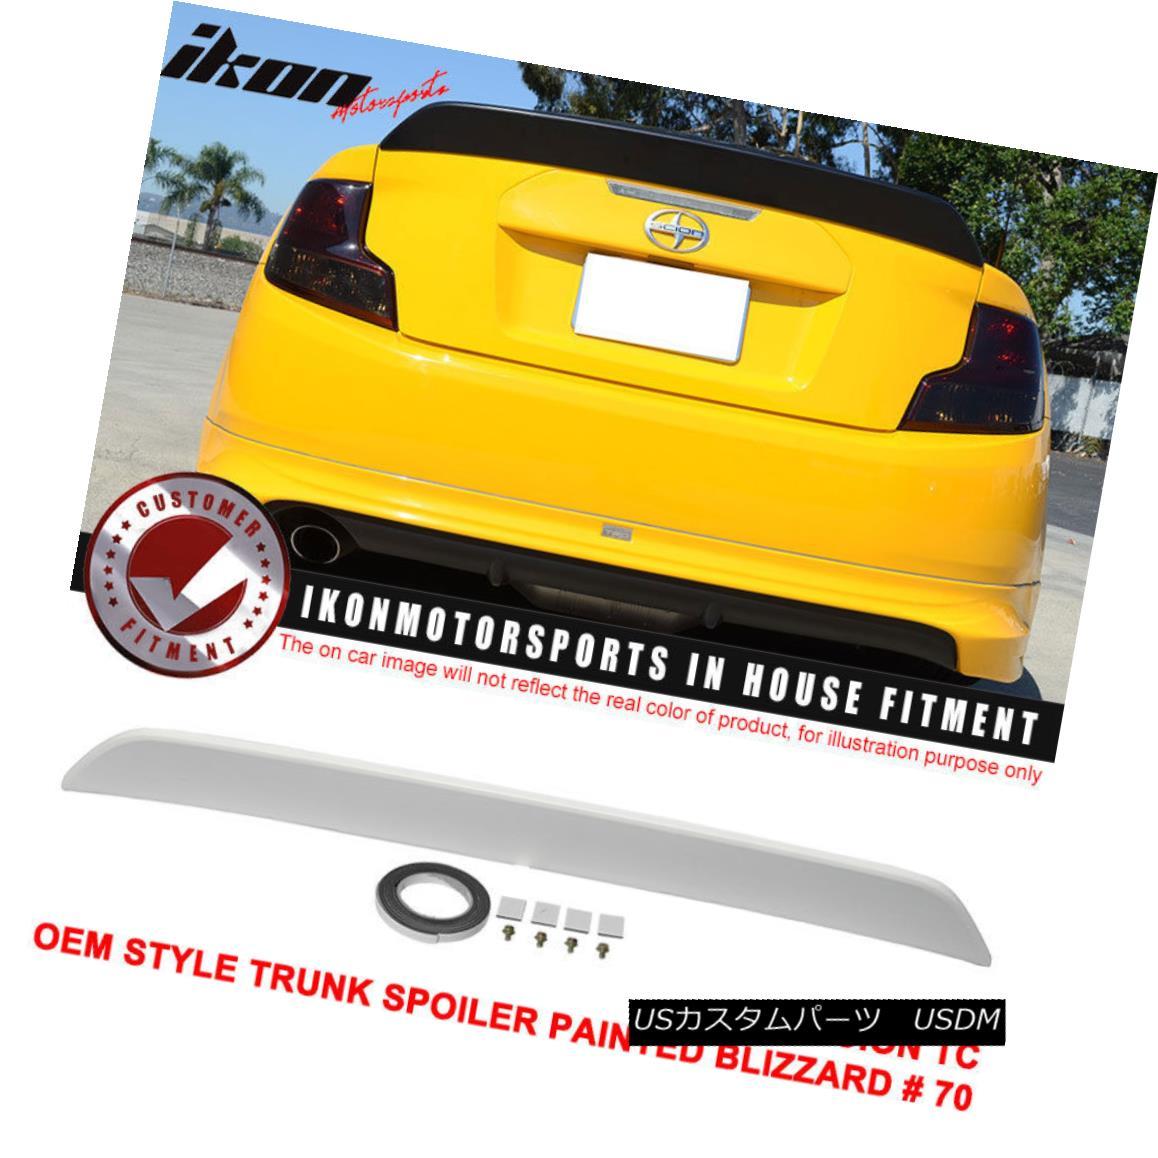 エアロパーツ Fit For 11-16 Scion tC OE Style Trunk Spoiler Painted Blizzard # 70 - ABS 11-16シオン用フィットtC OEスタイルトランクスポイラーペイントブリザード#70 - ABS